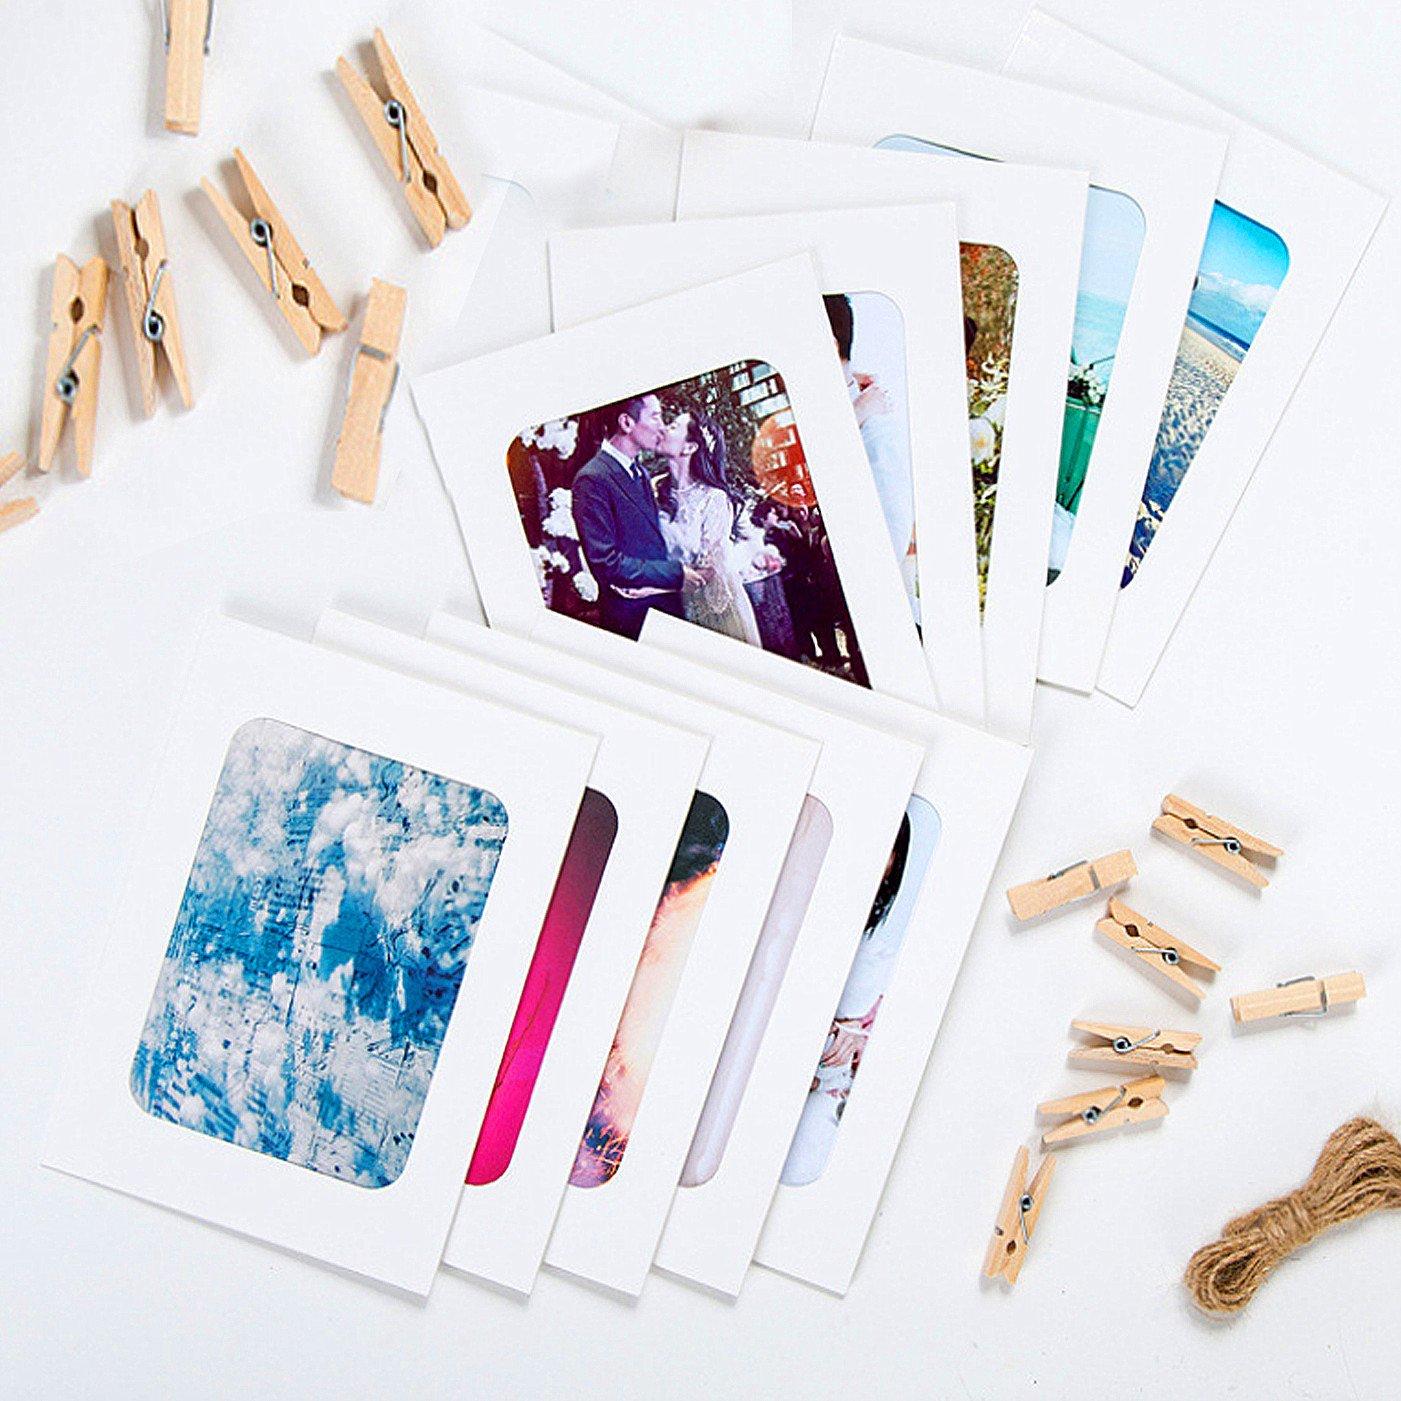 Ungewöhnlich 8x10 Papier Bilderrahmen Fotos - Benutzerdefinierte ...